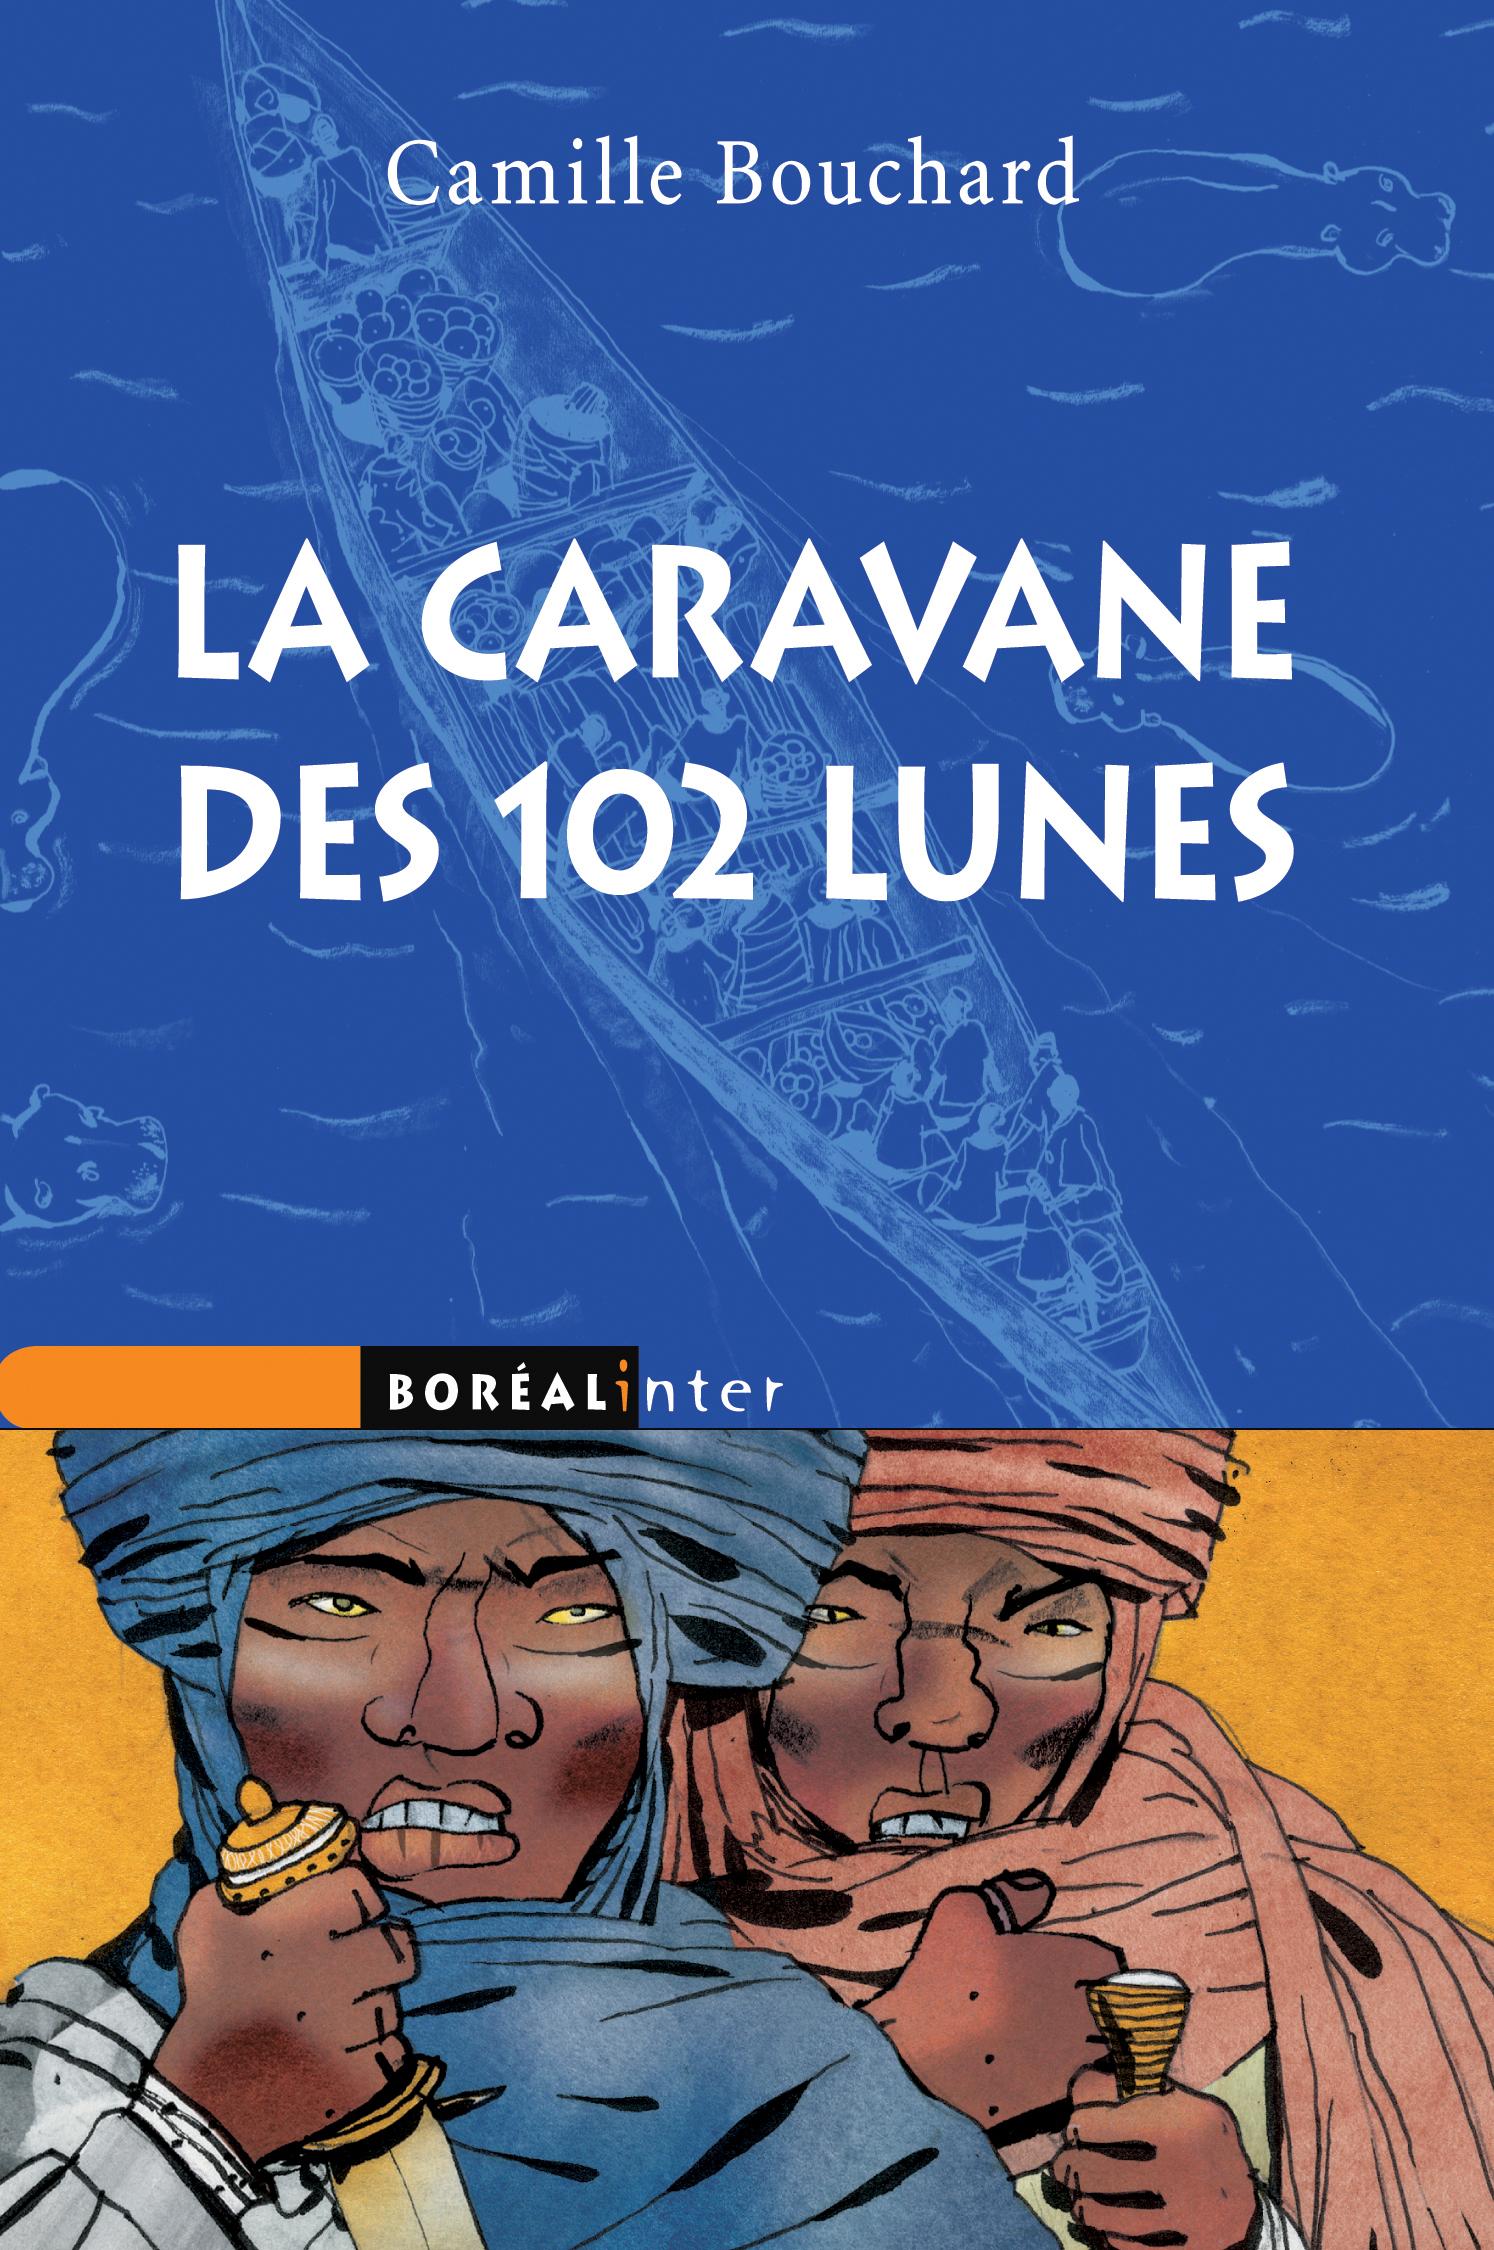 La Caravane des 102 lunes